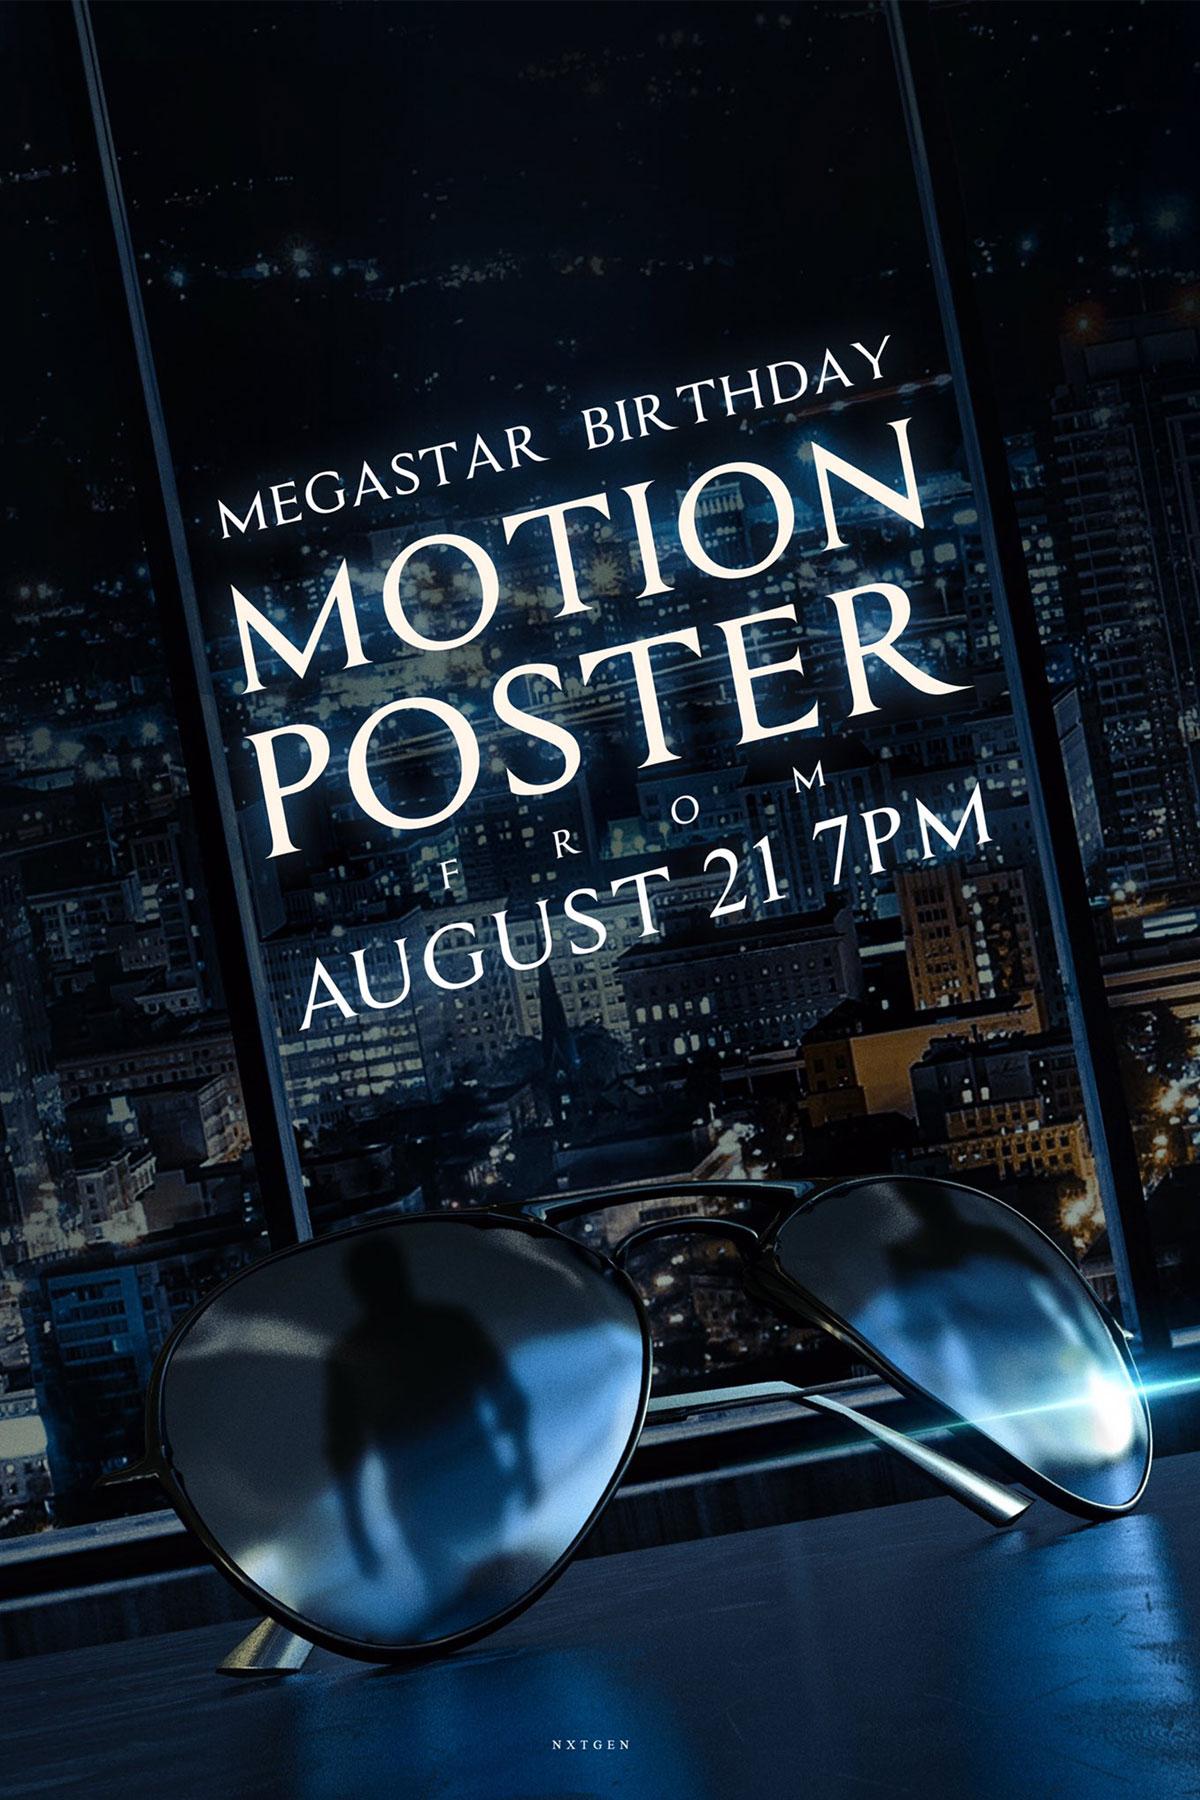 Megastar CMP Mega Record Tomorrow at 7 PM